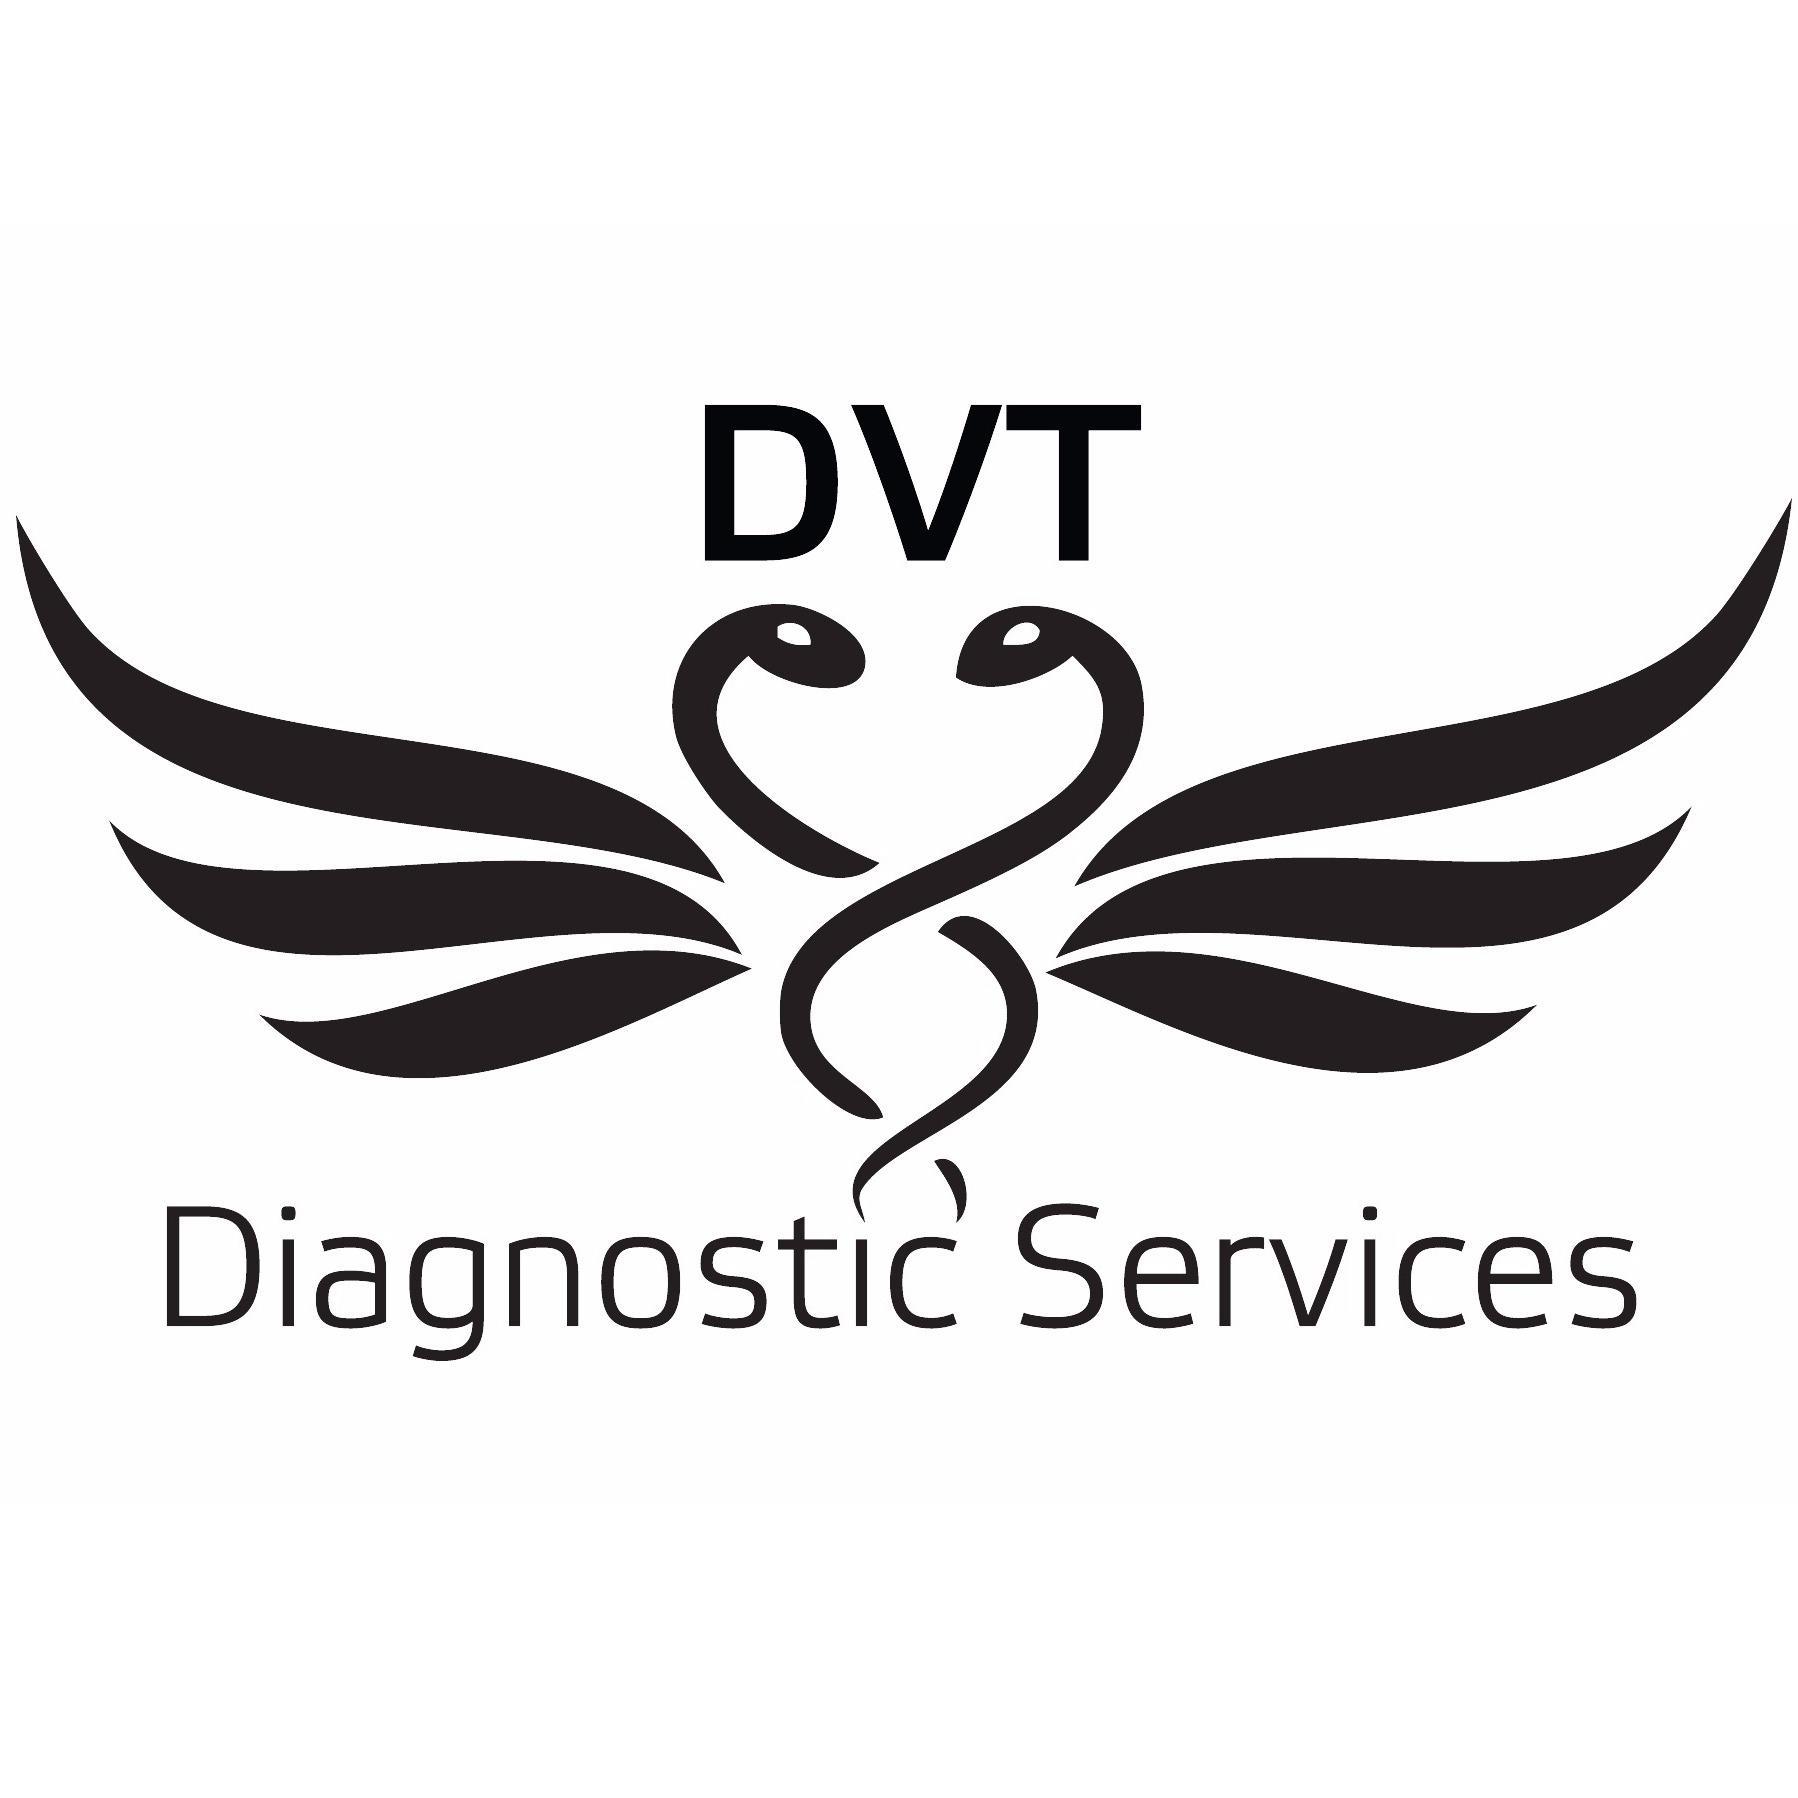 DVT Diagnostic Services, Inc. image 0